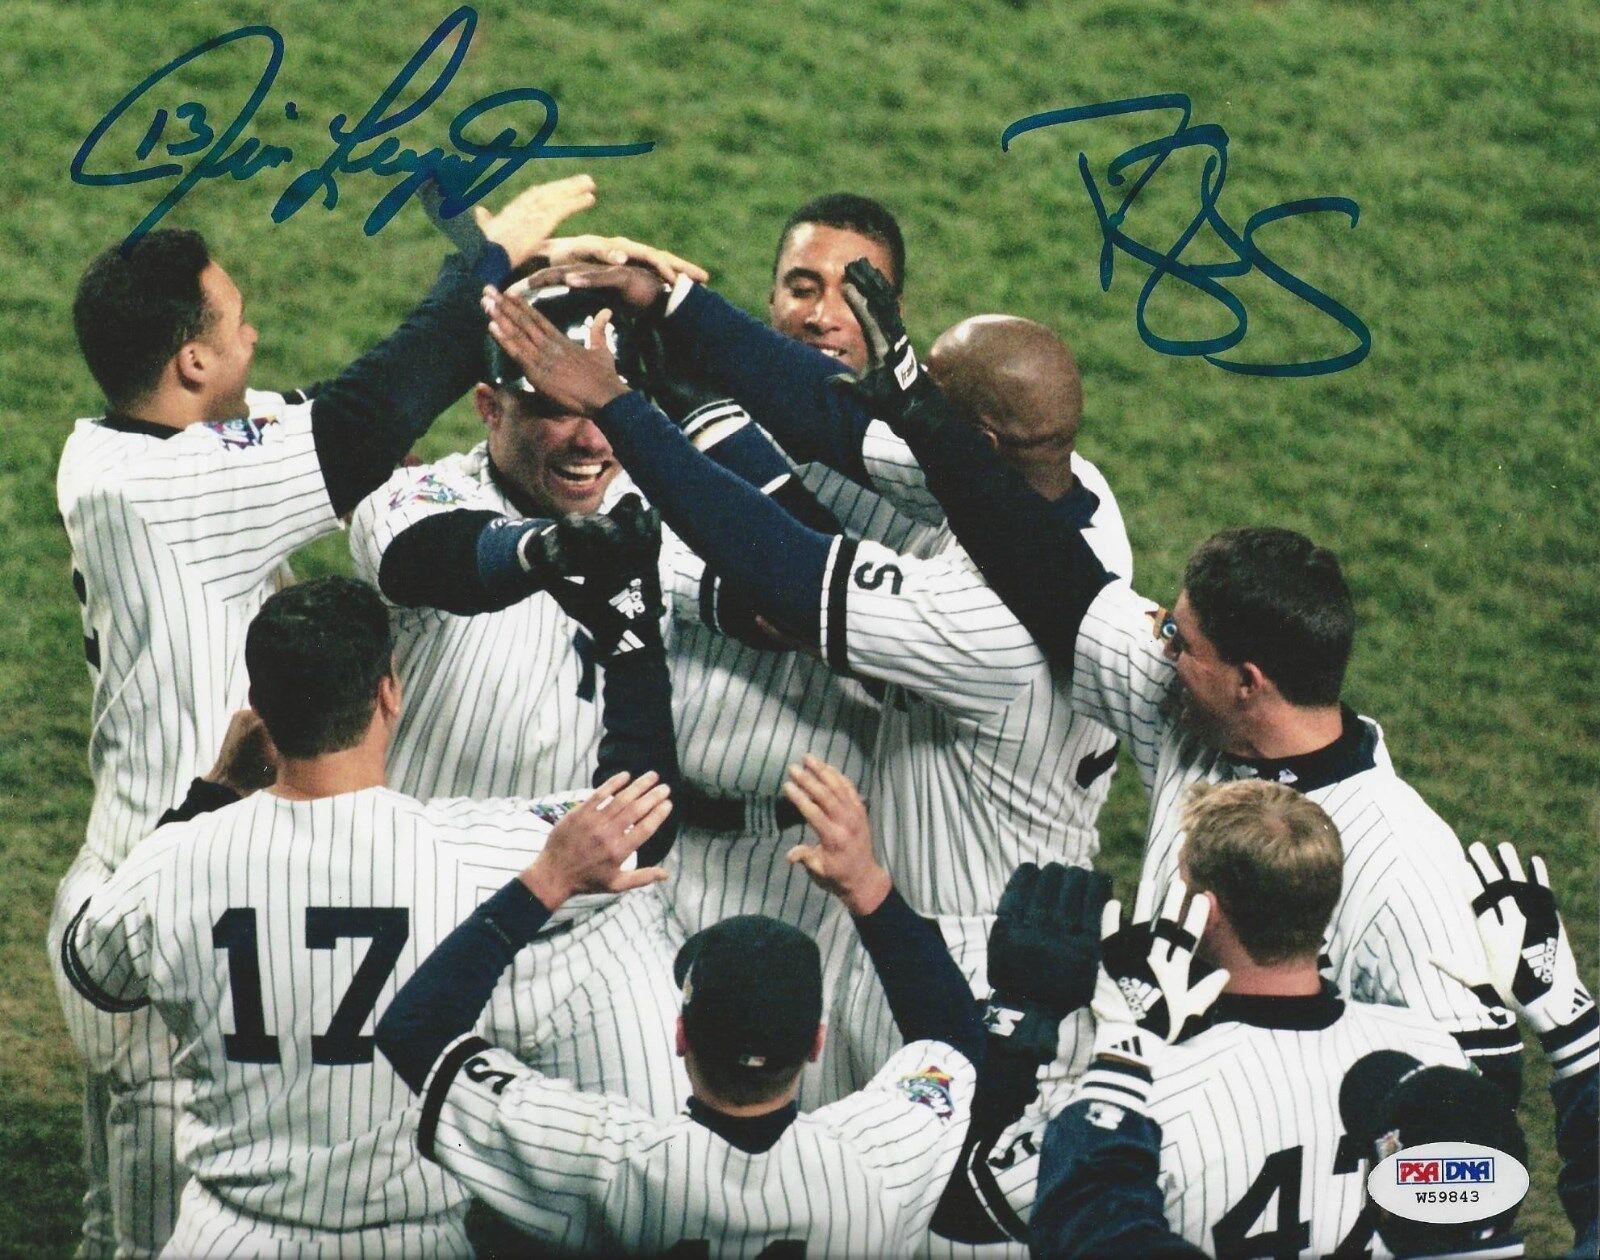 Jim Leyritz & Darryl Strawberry Dual signed 8x10 photo PSA/DNA #W59843